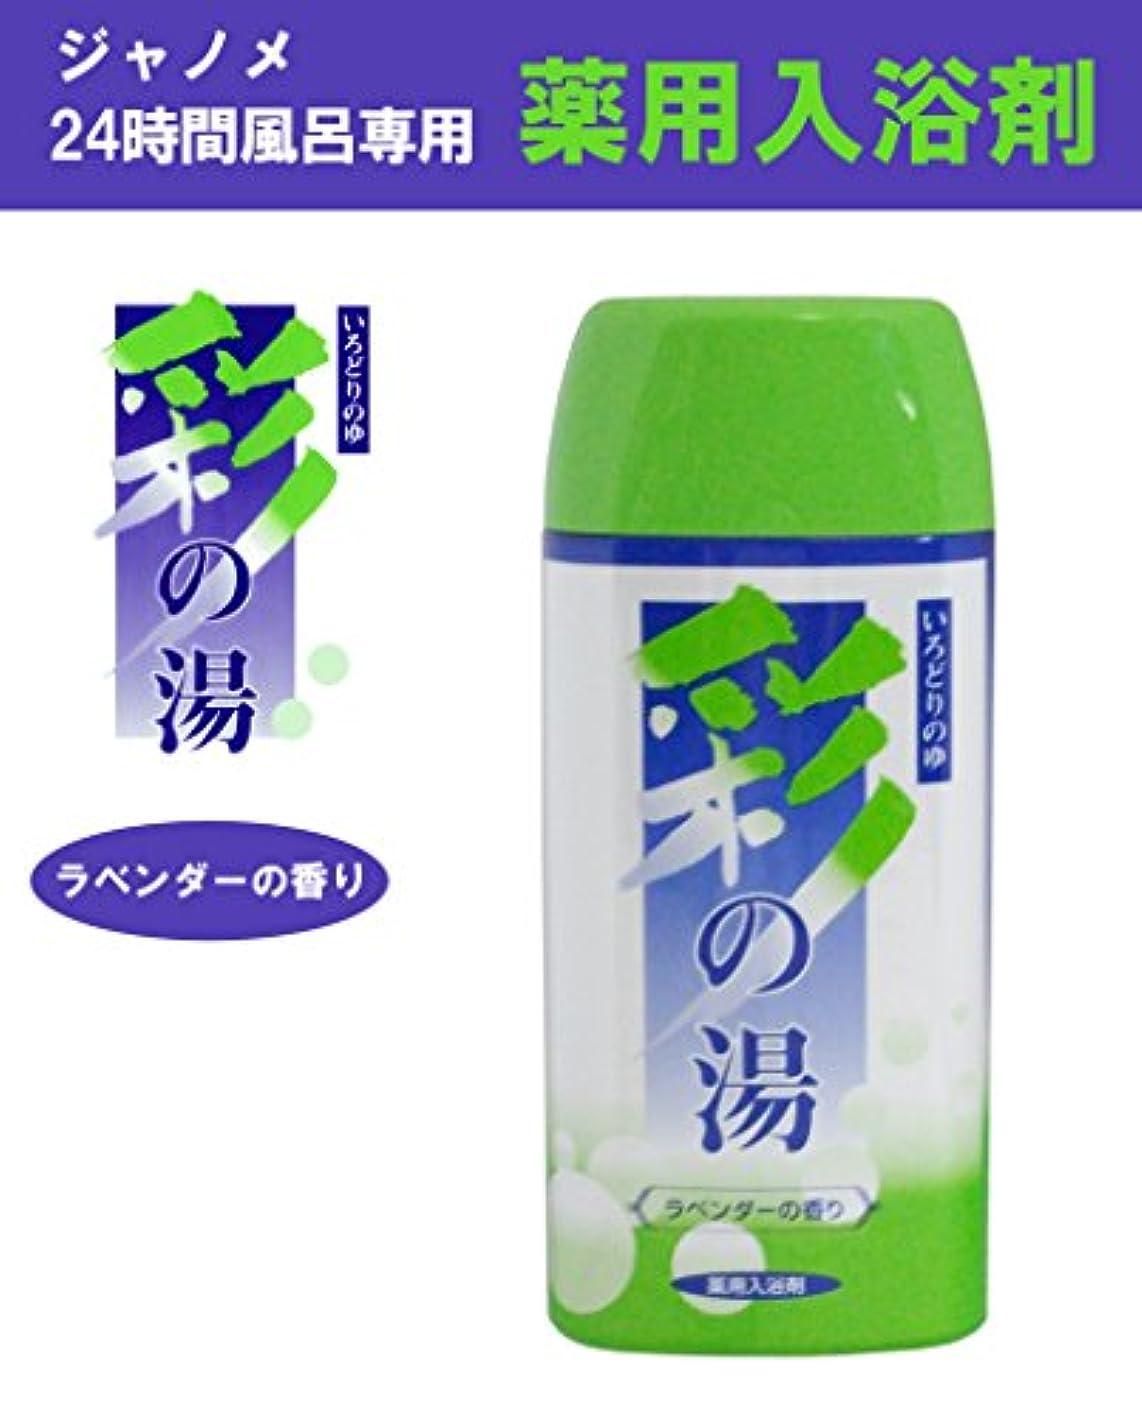 姿を消す嘆願宇宙船ジャノメ 彩の湯 (24時間風呂専用 薬用入浴剤 ラベンダーの香り )